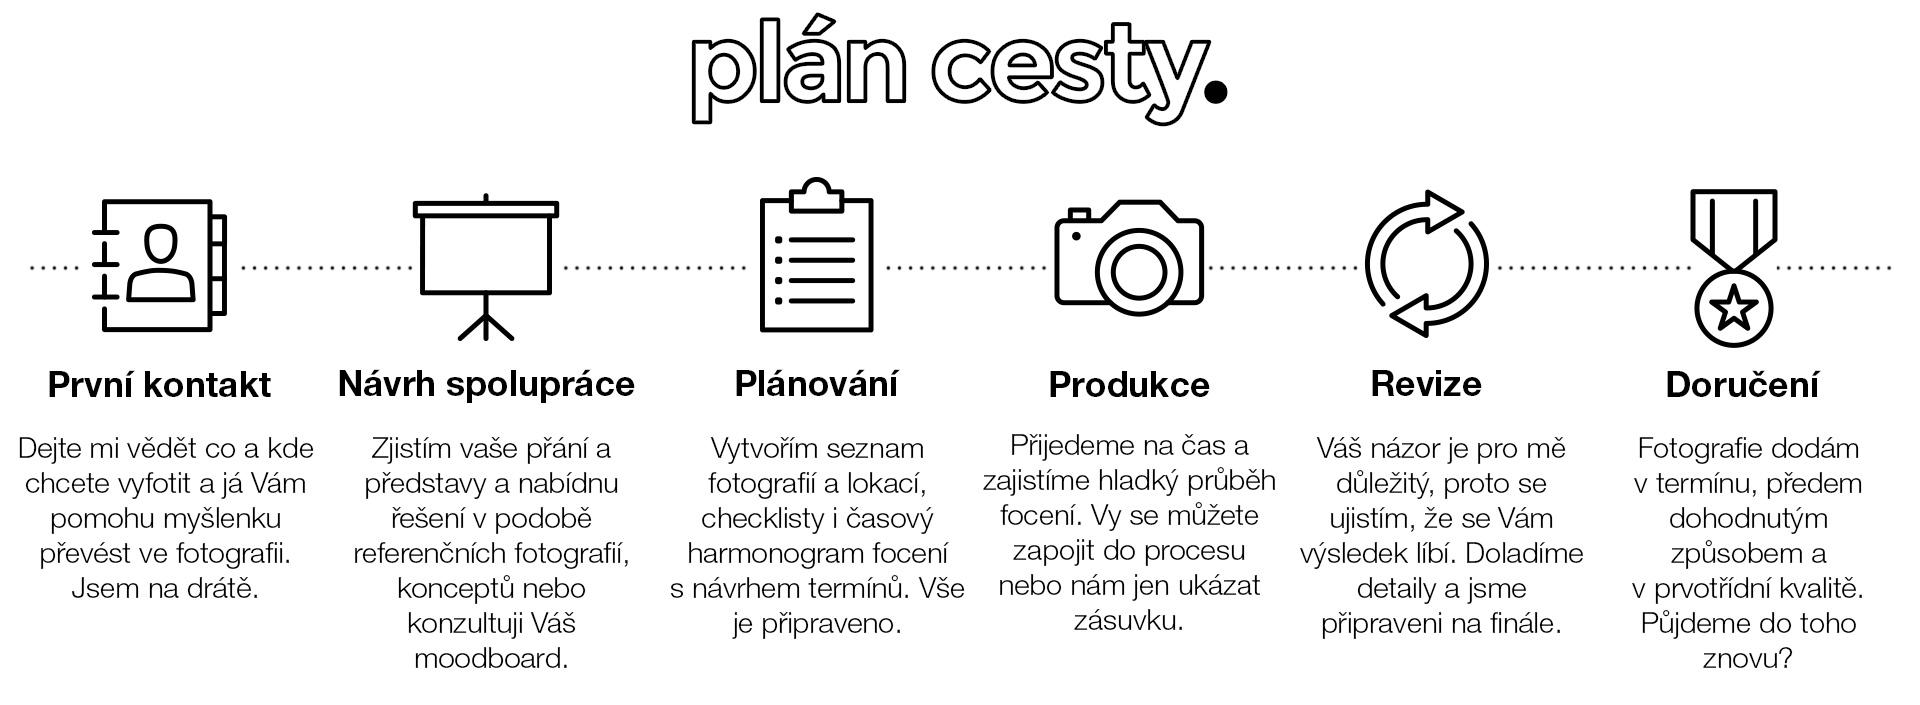 roadmap-cs.jpg